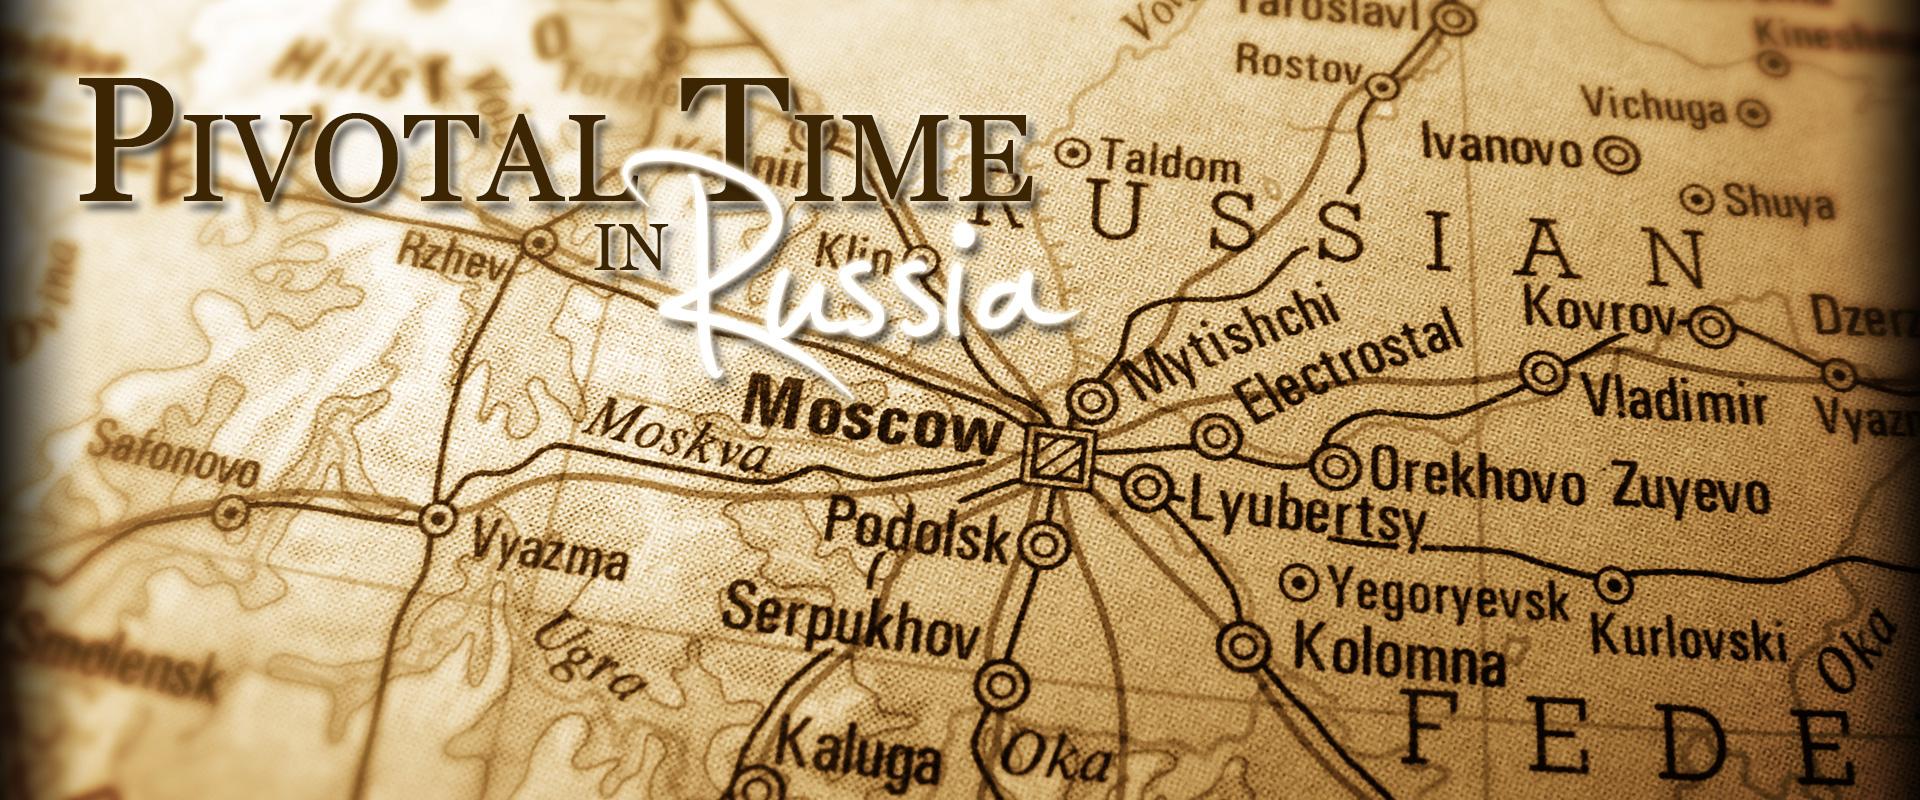 Pivotal Time In Russia VGR Russia